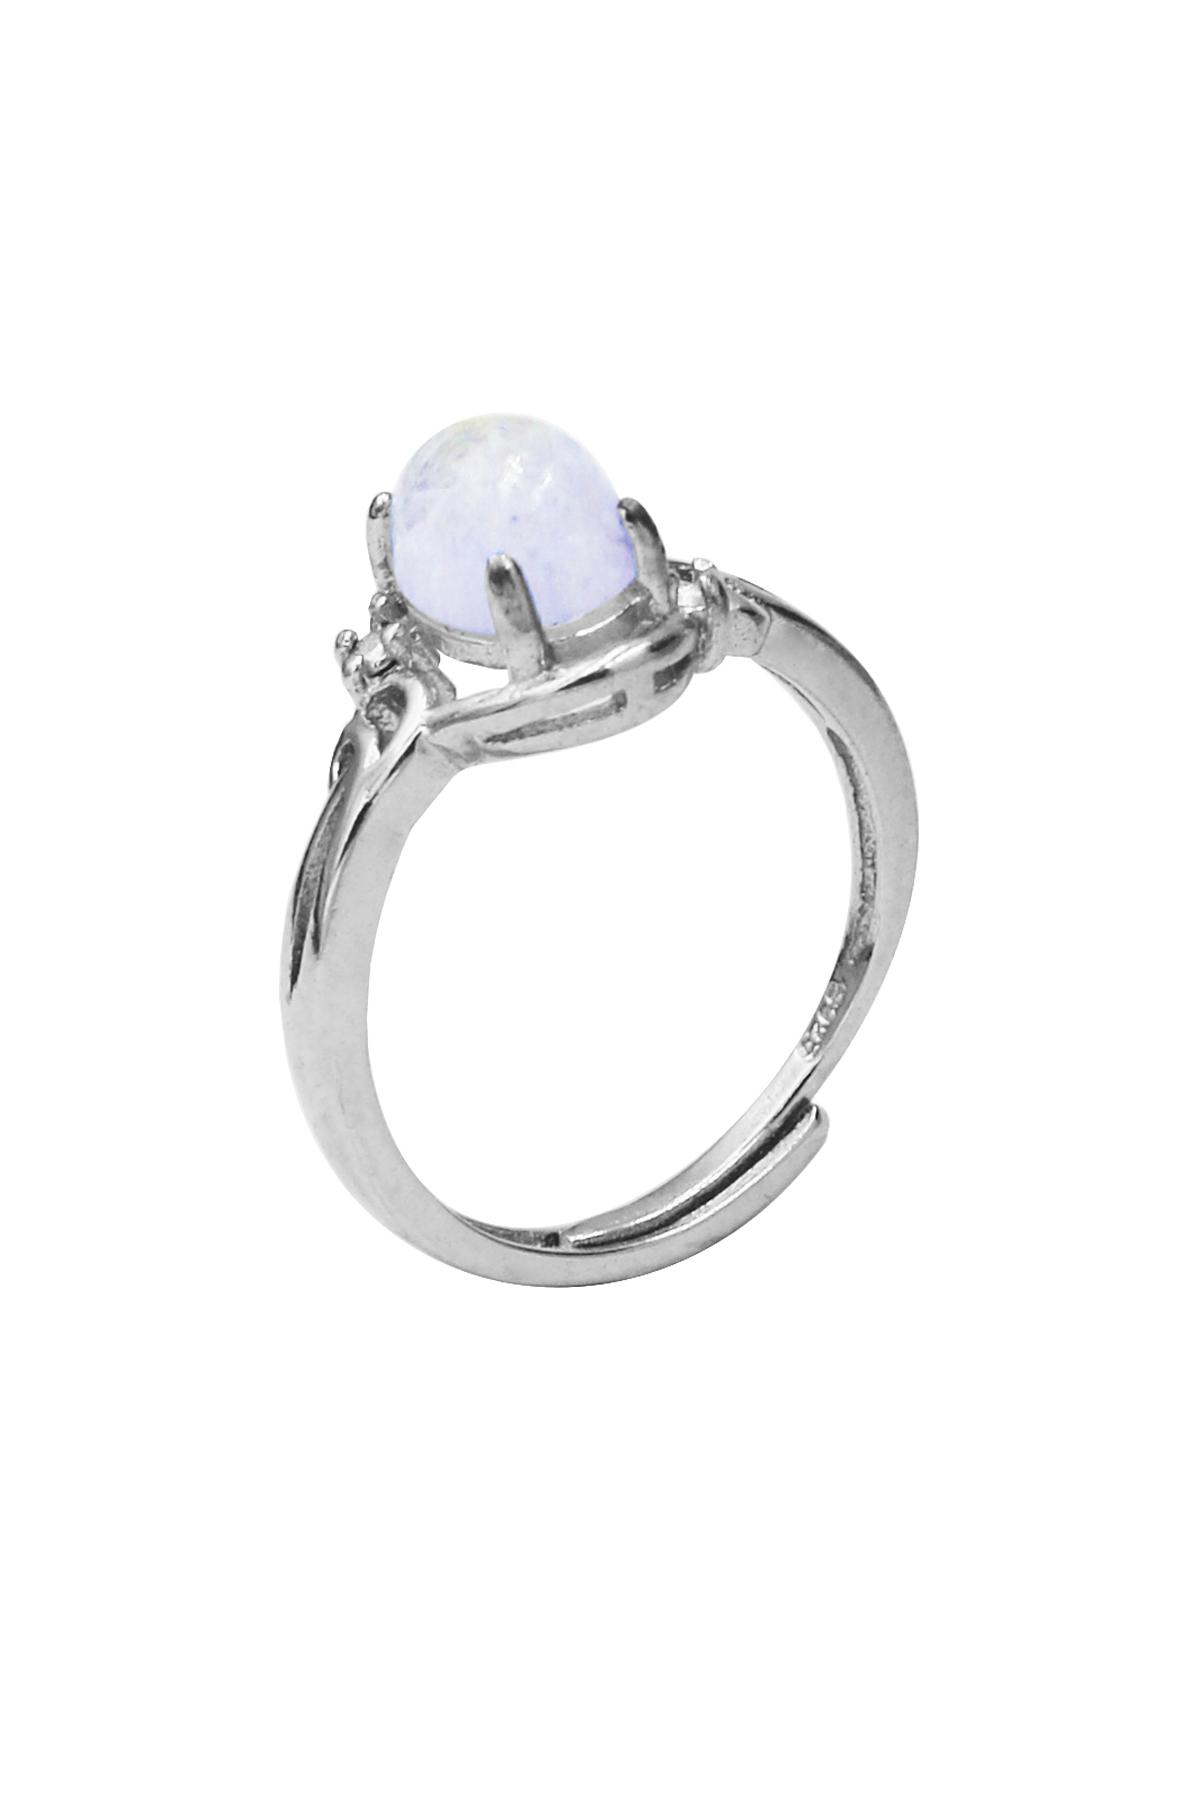 Купит кольцо из натурального камня